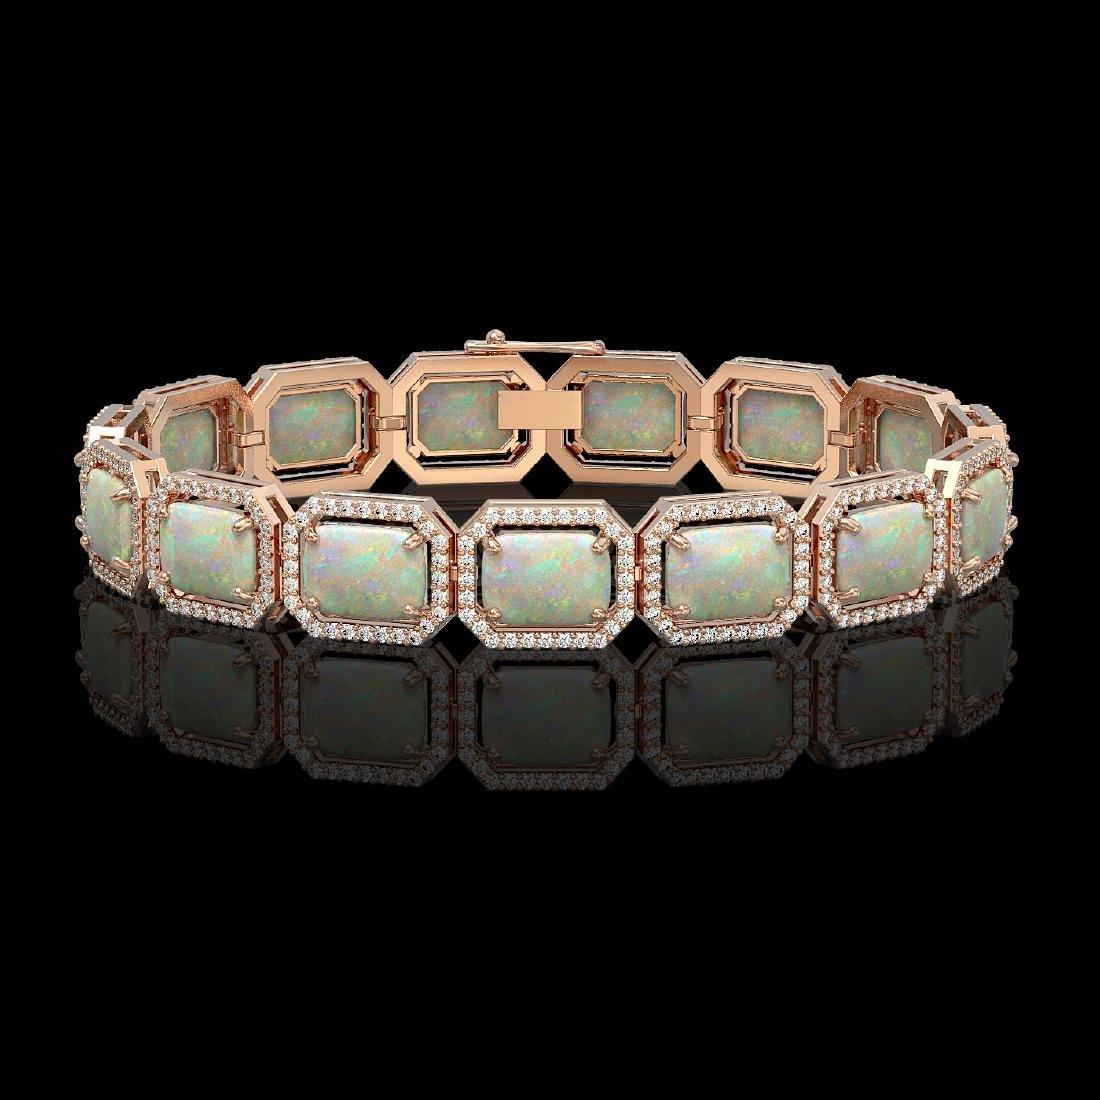 24.37 CTW Opal & Diamond Halo Bracelet 10K Rose Gold